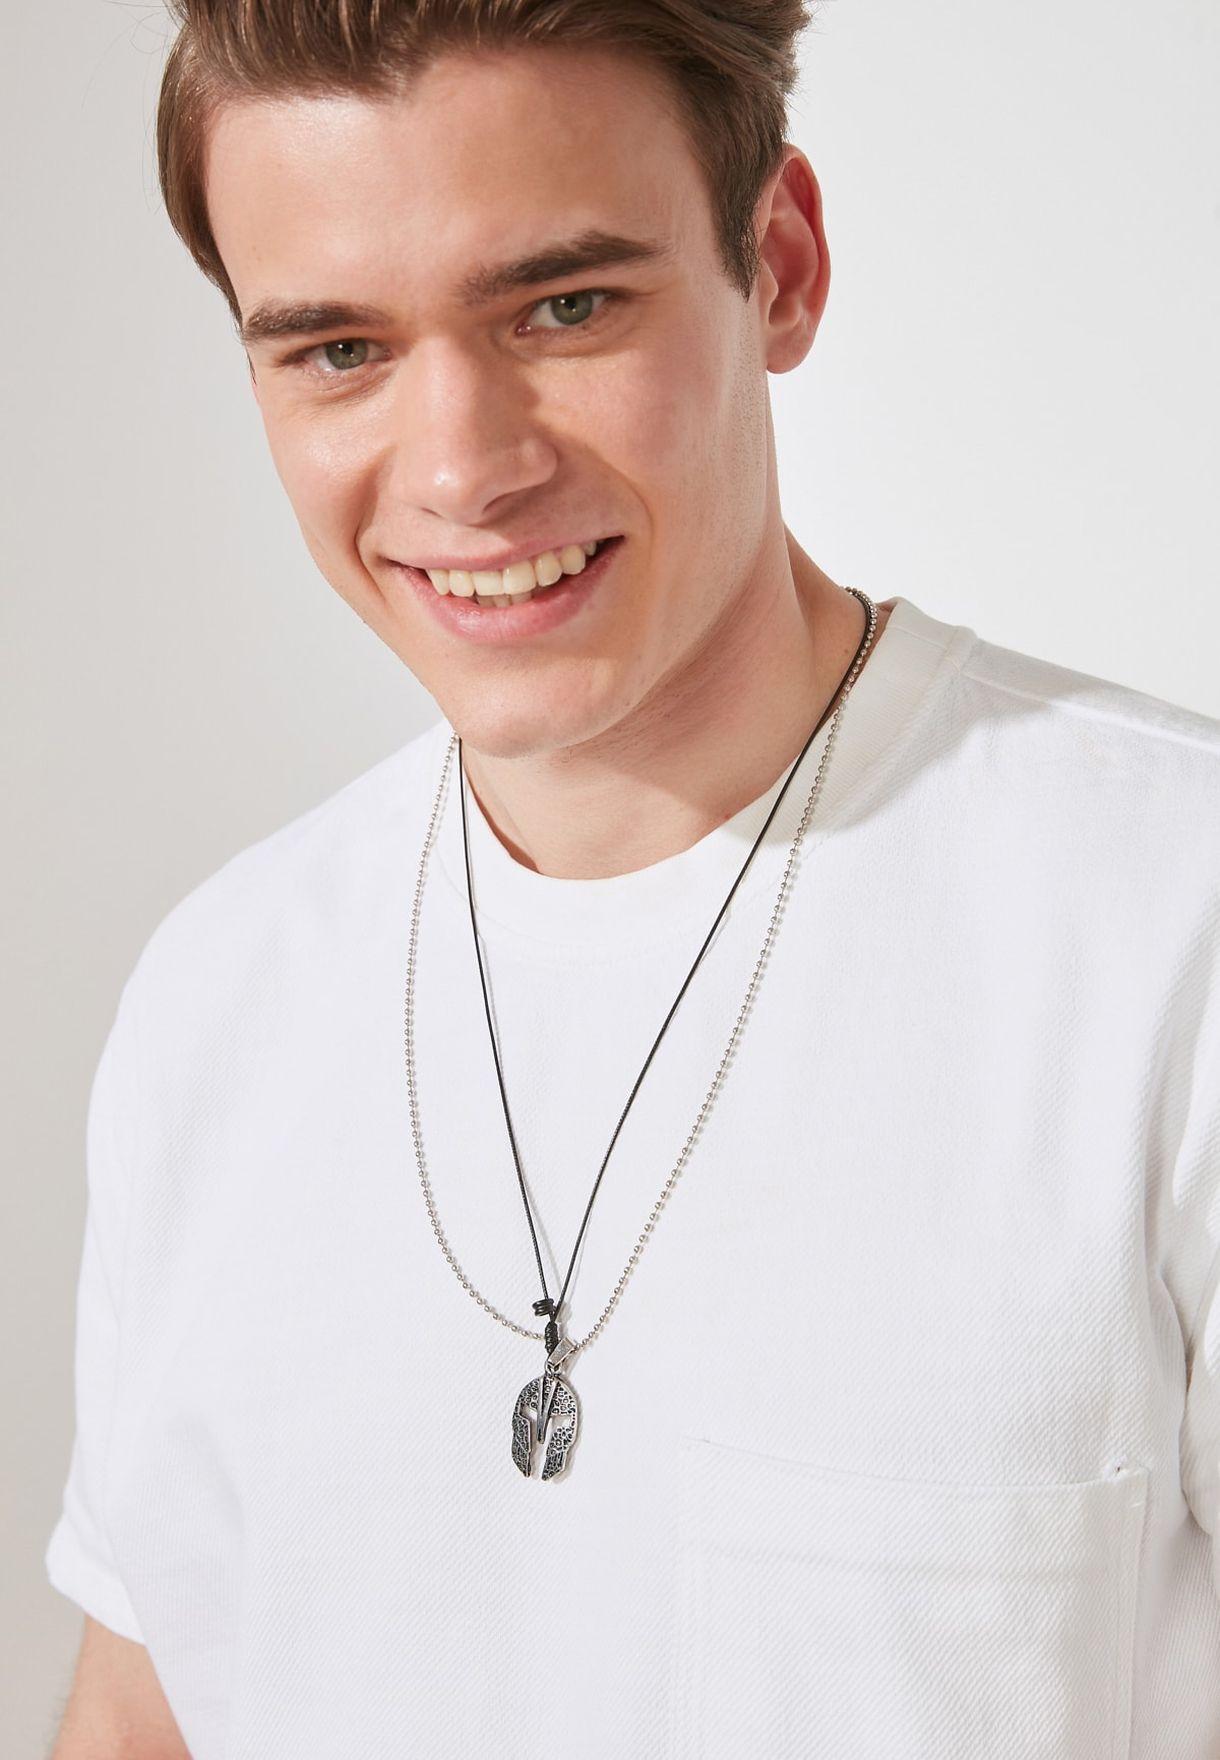 Corinthian Helmet Pendant Necklace